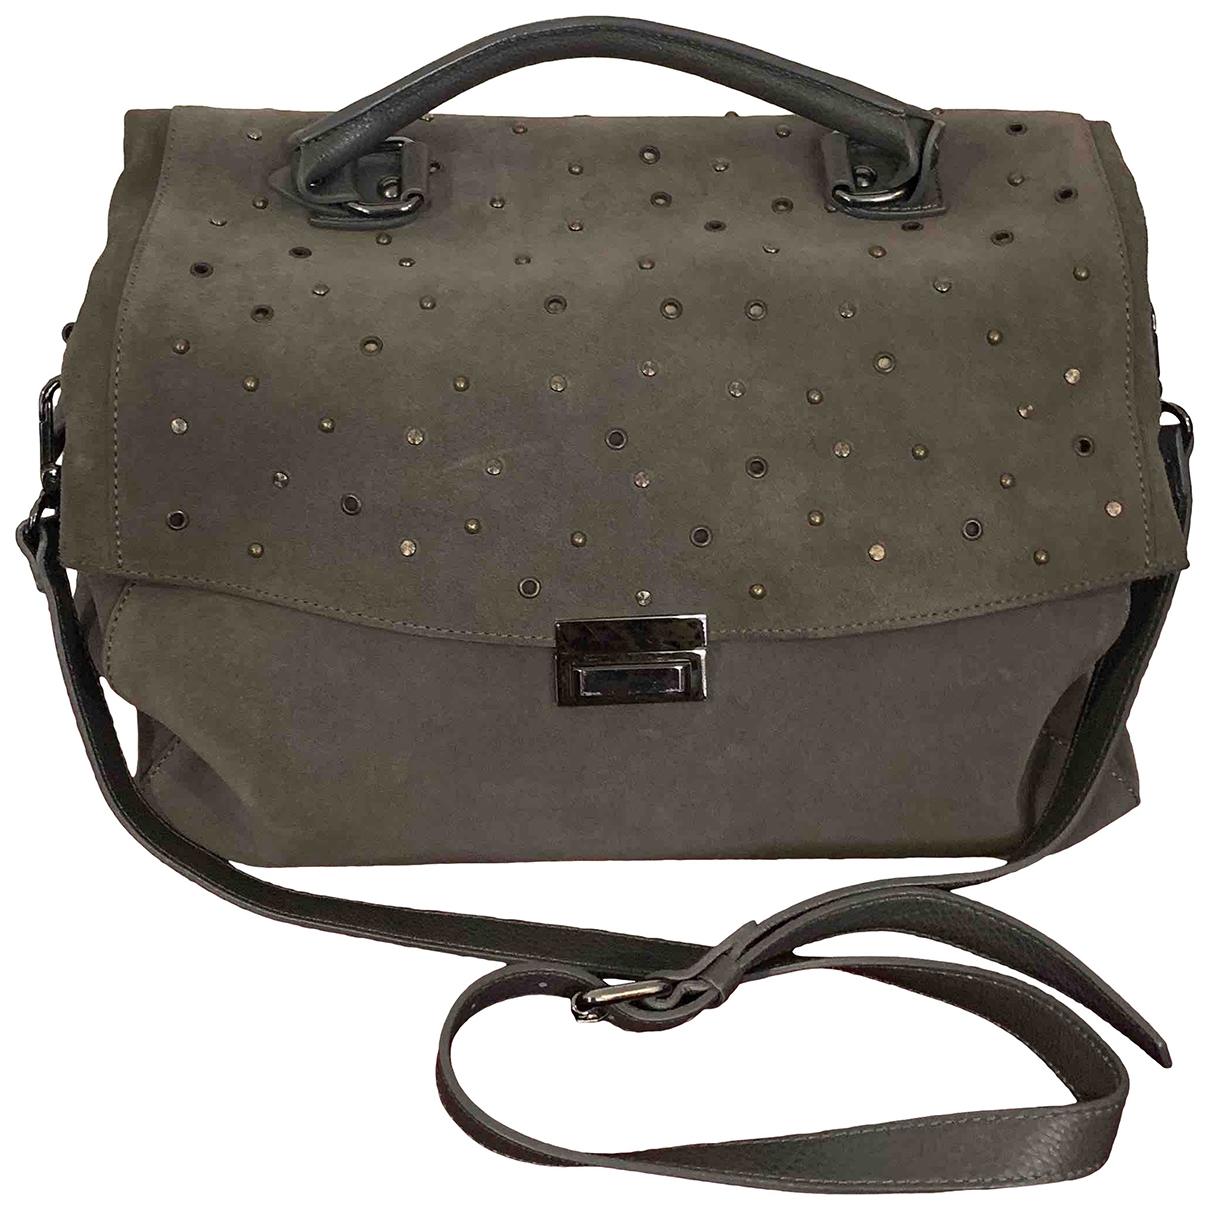 Fabiana Filippi \N Grey Leather handbag for Women \N